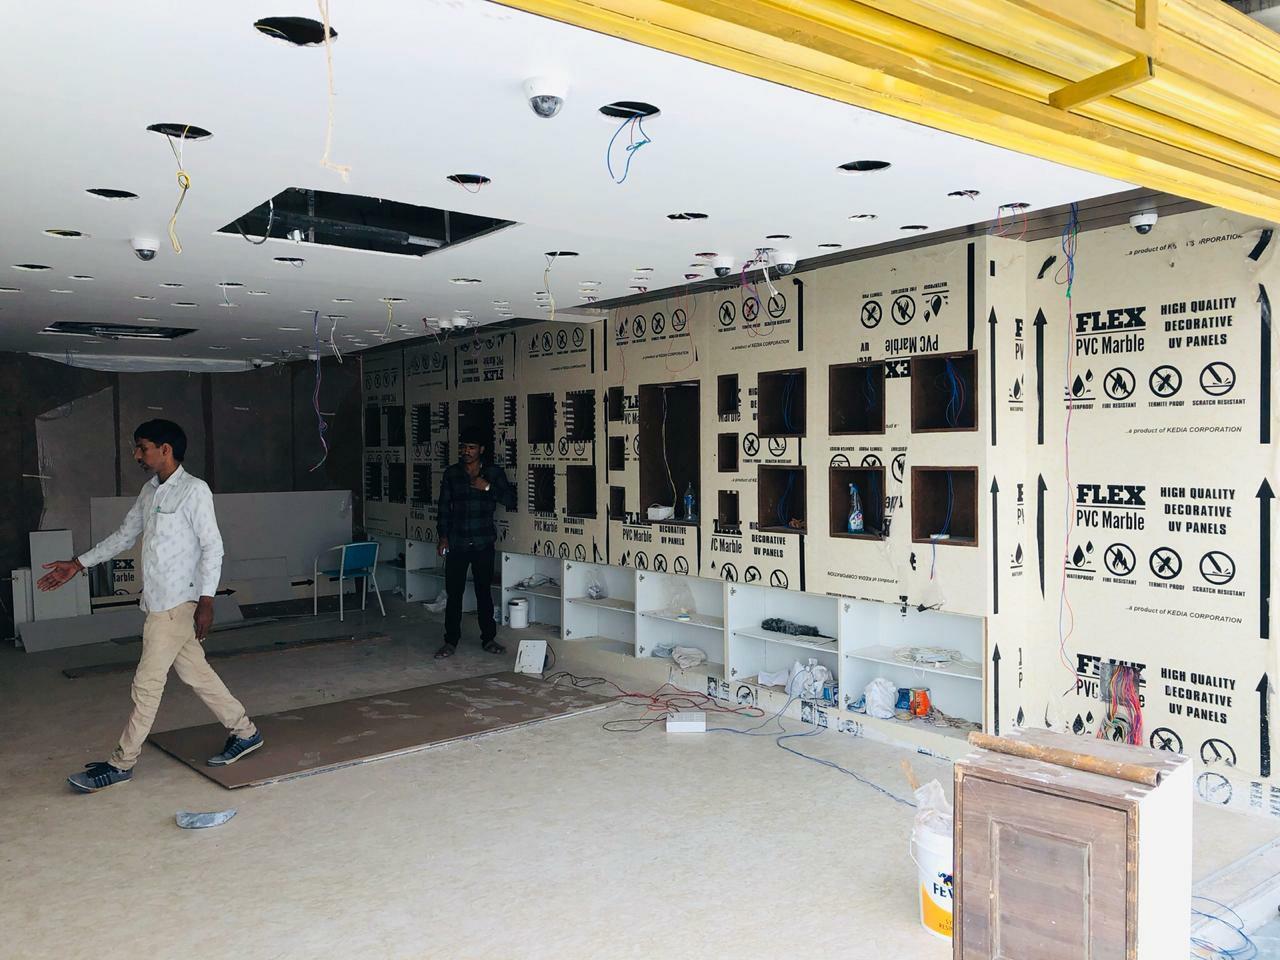 showroom wall progress flex pvc marble